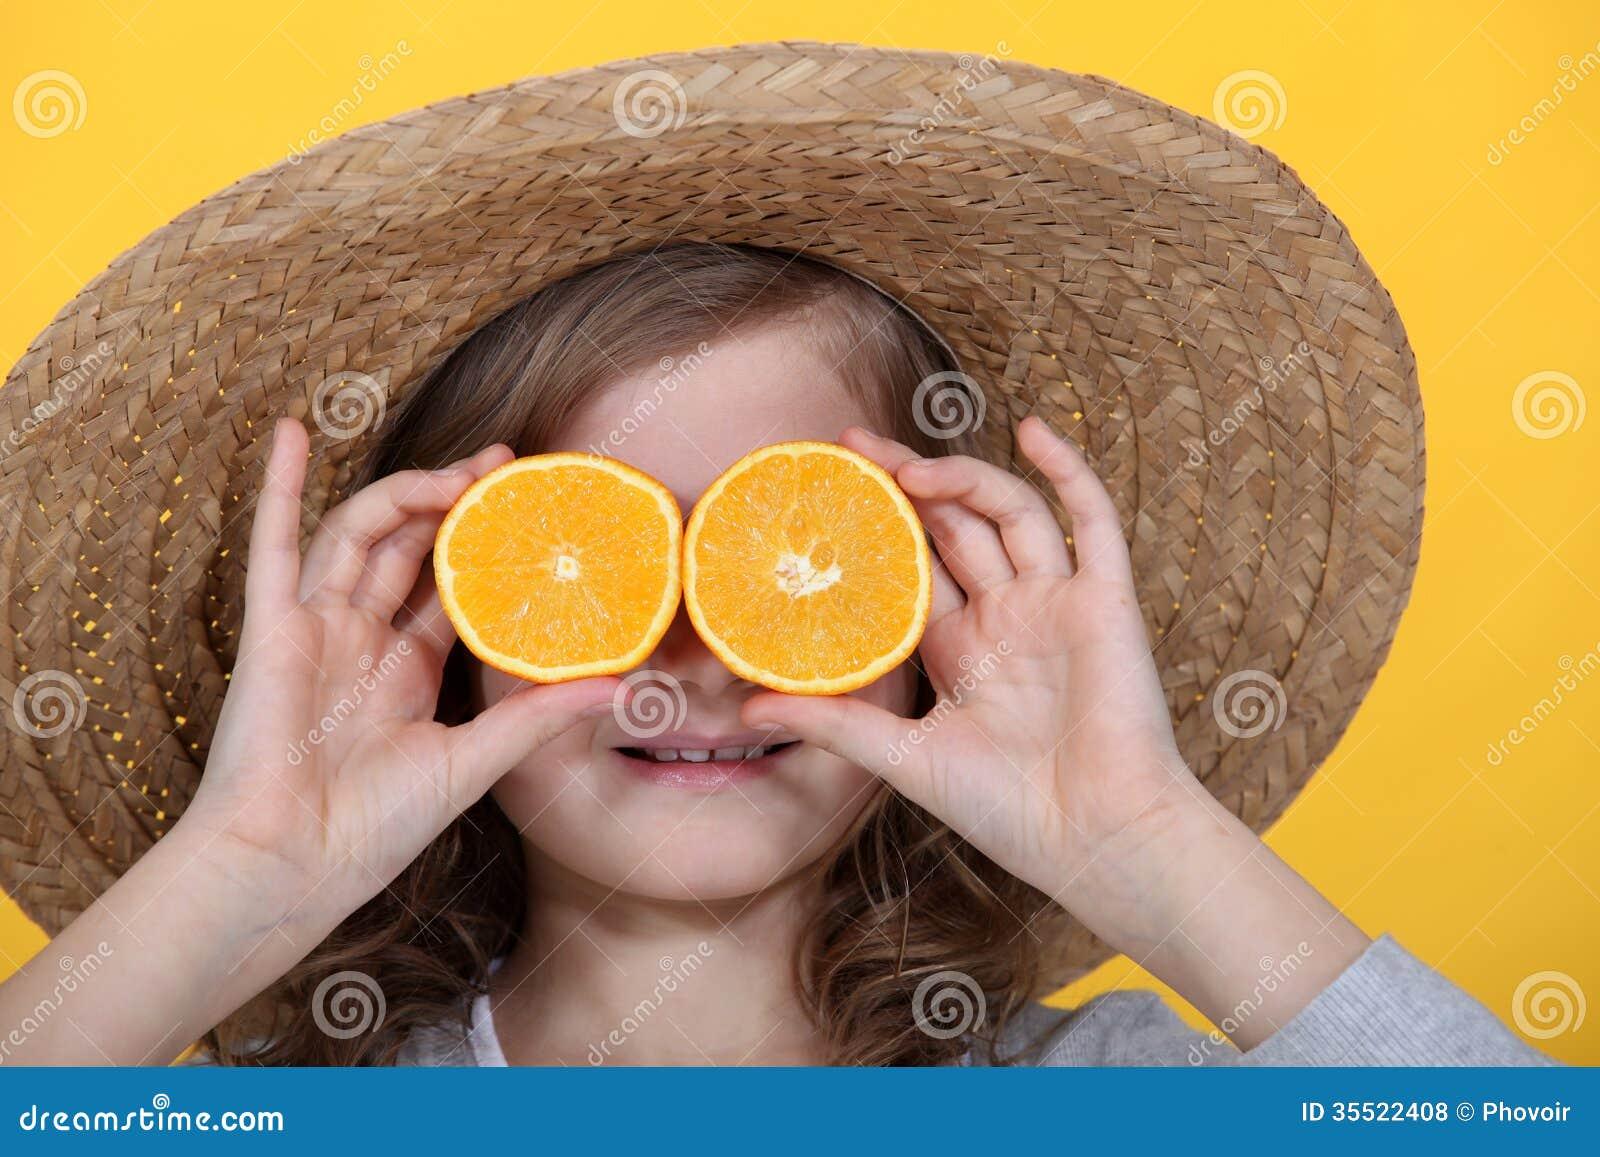 Orange Scheiben für Augen